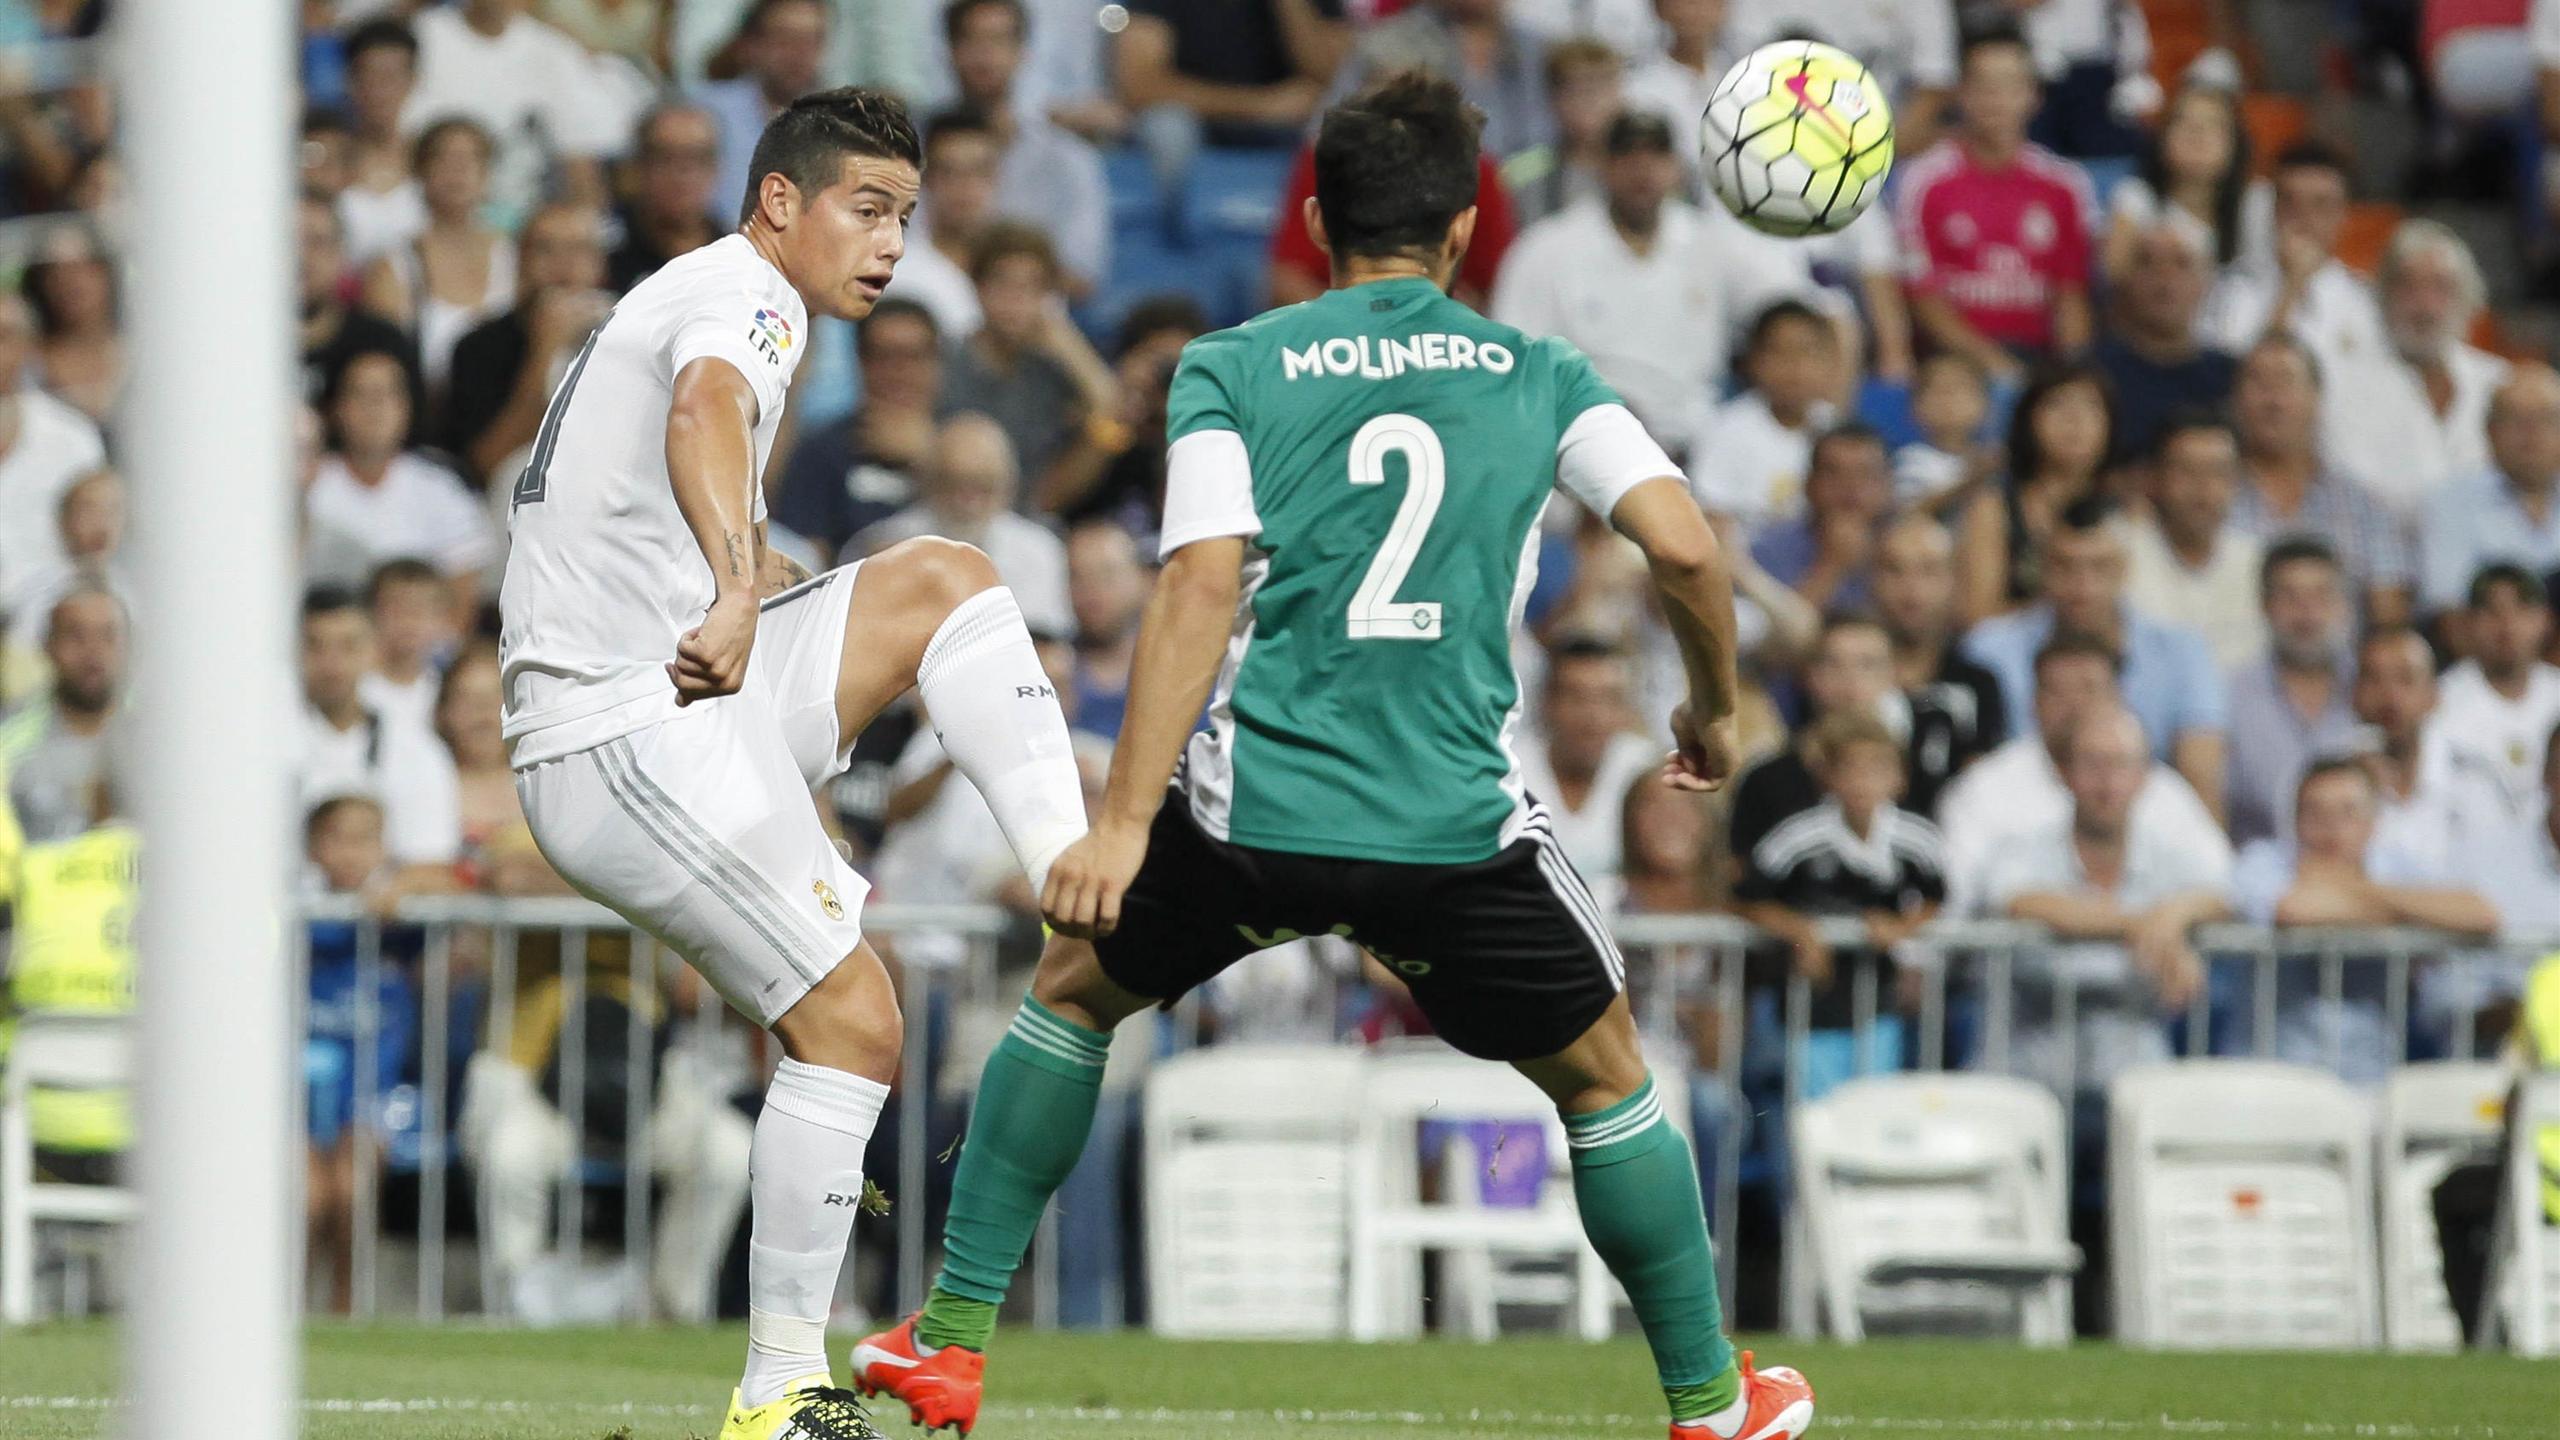 Avec le Real Madrid, James Rodriguez a marqué d'un très joli retourné acrobatique contre le Betis Séville, le 29 août 2015, en Liga.